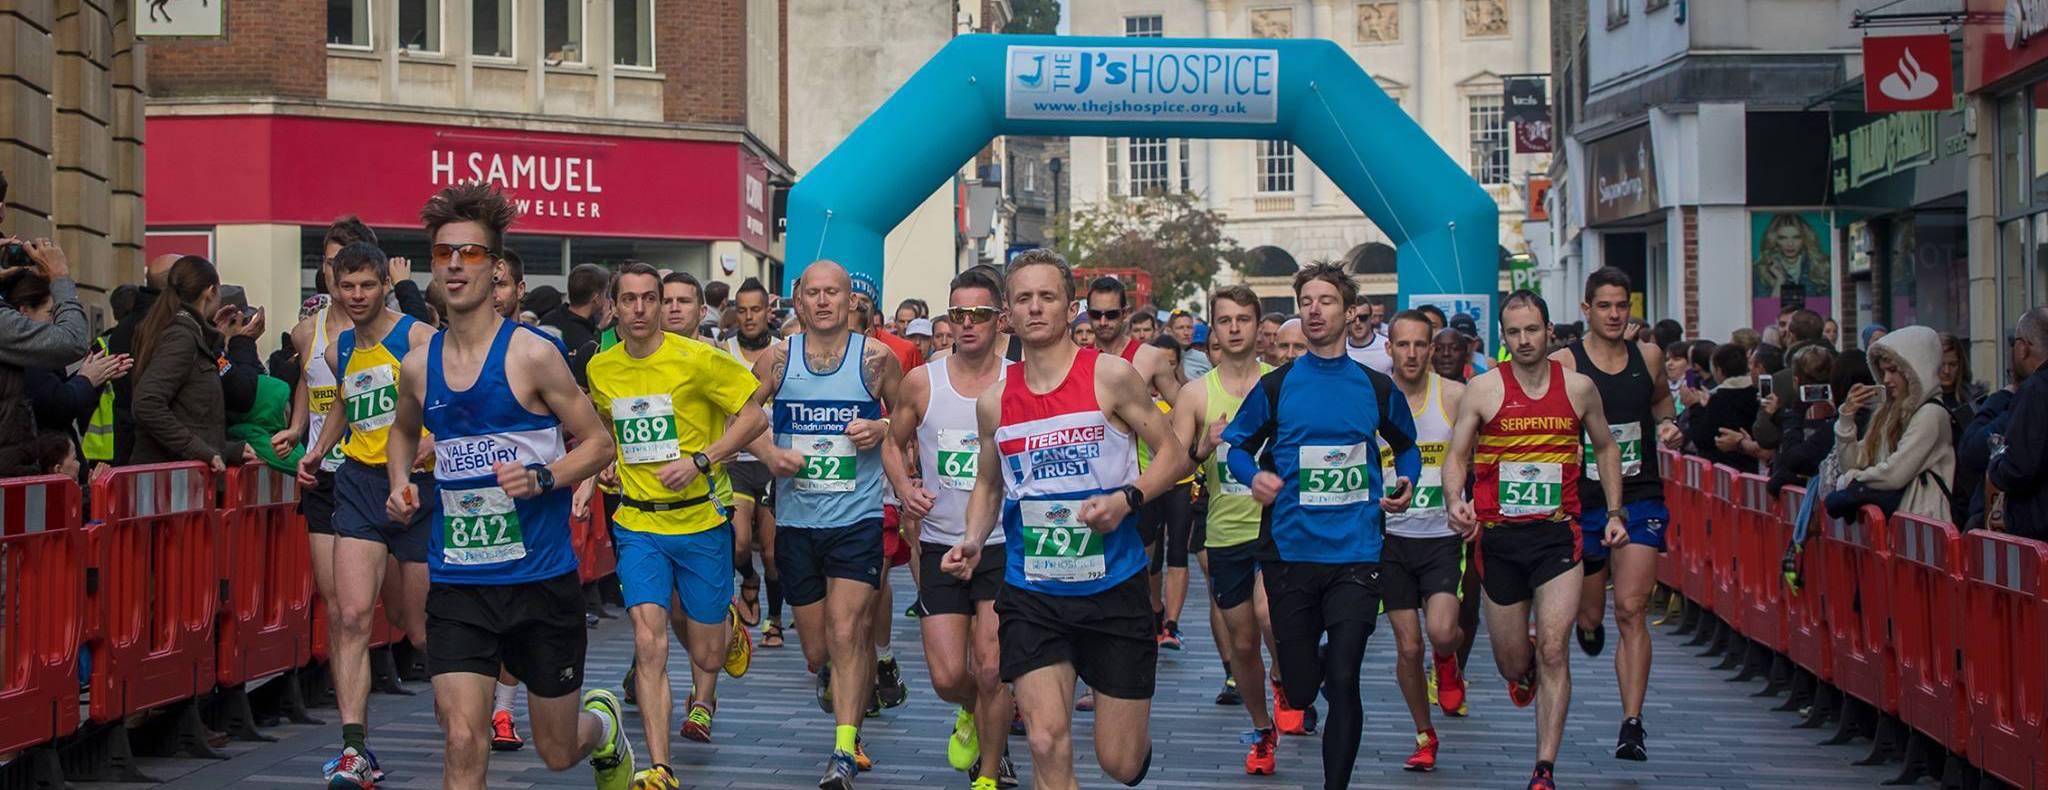 Start of the 2016 Chelmsford Marathon